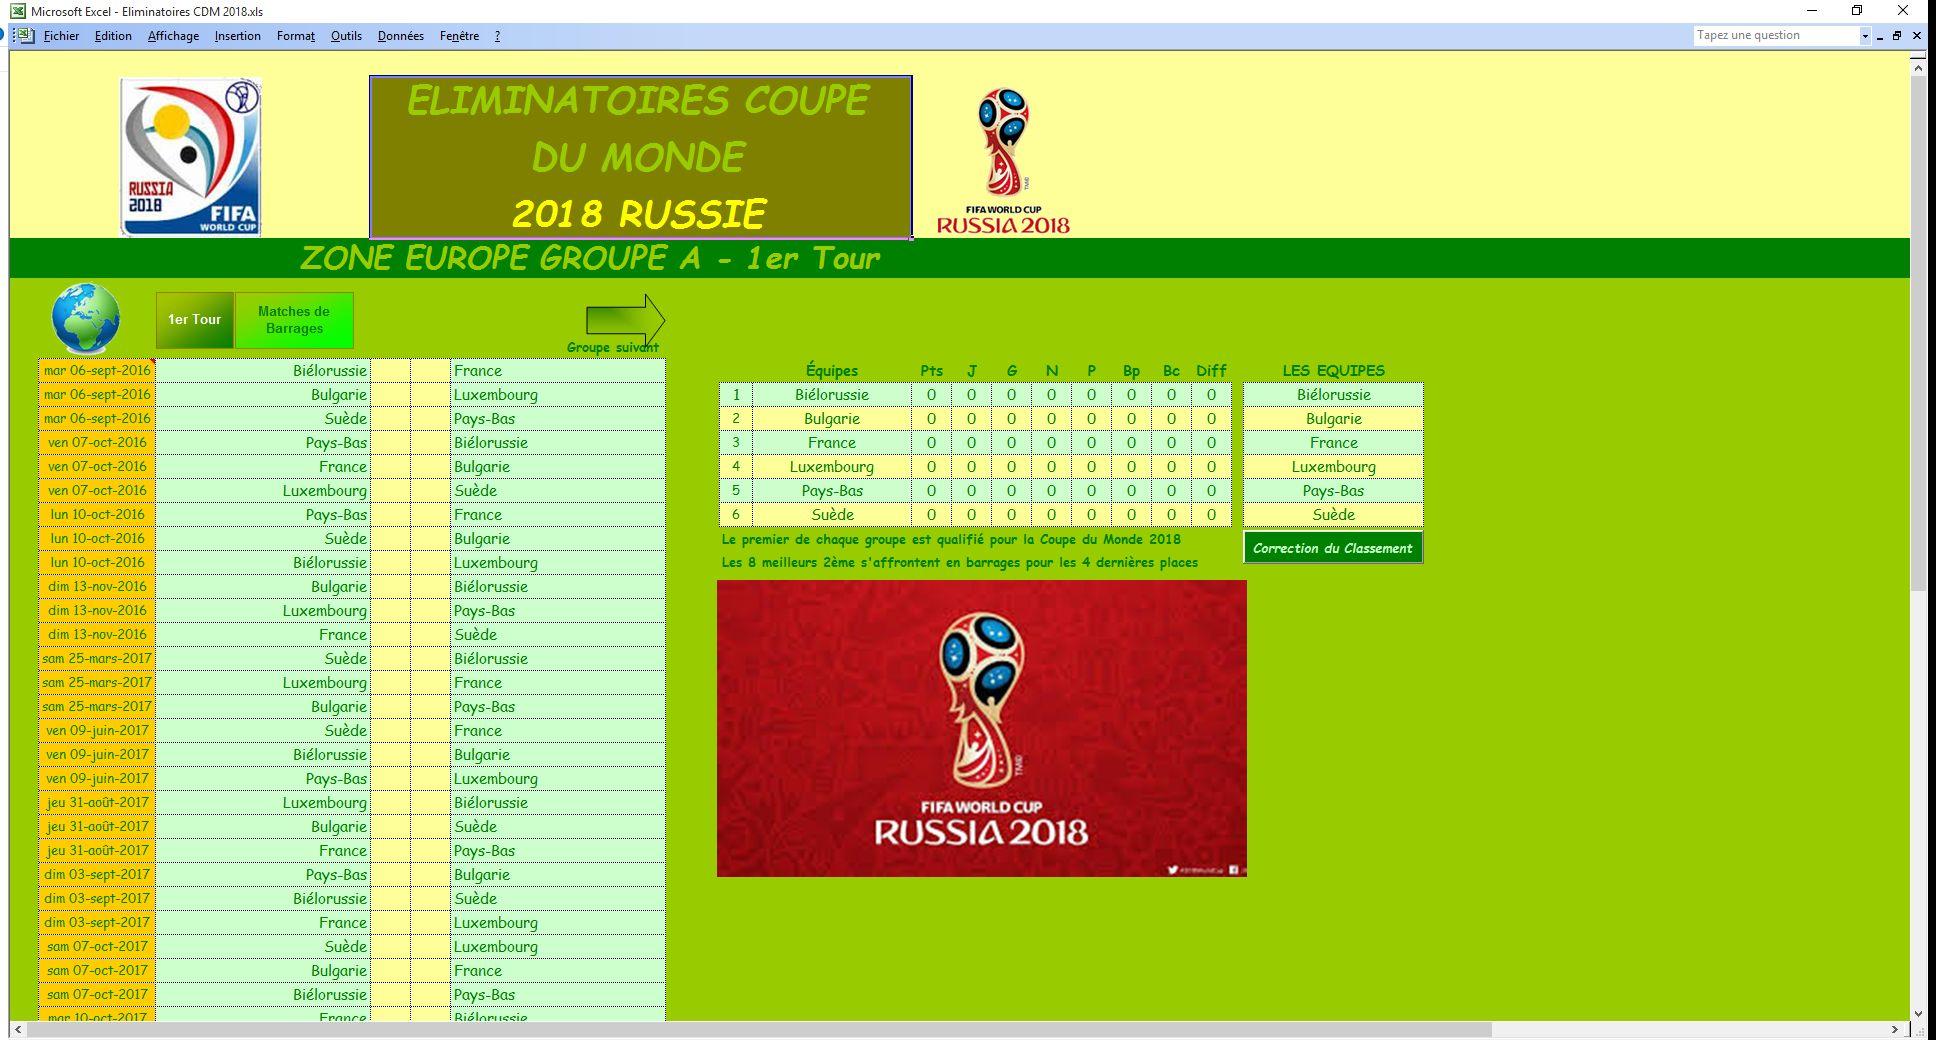 Calendrier cdm 2018 takvim kalender hd - Calendrier eliminatoire coupe du monde ...